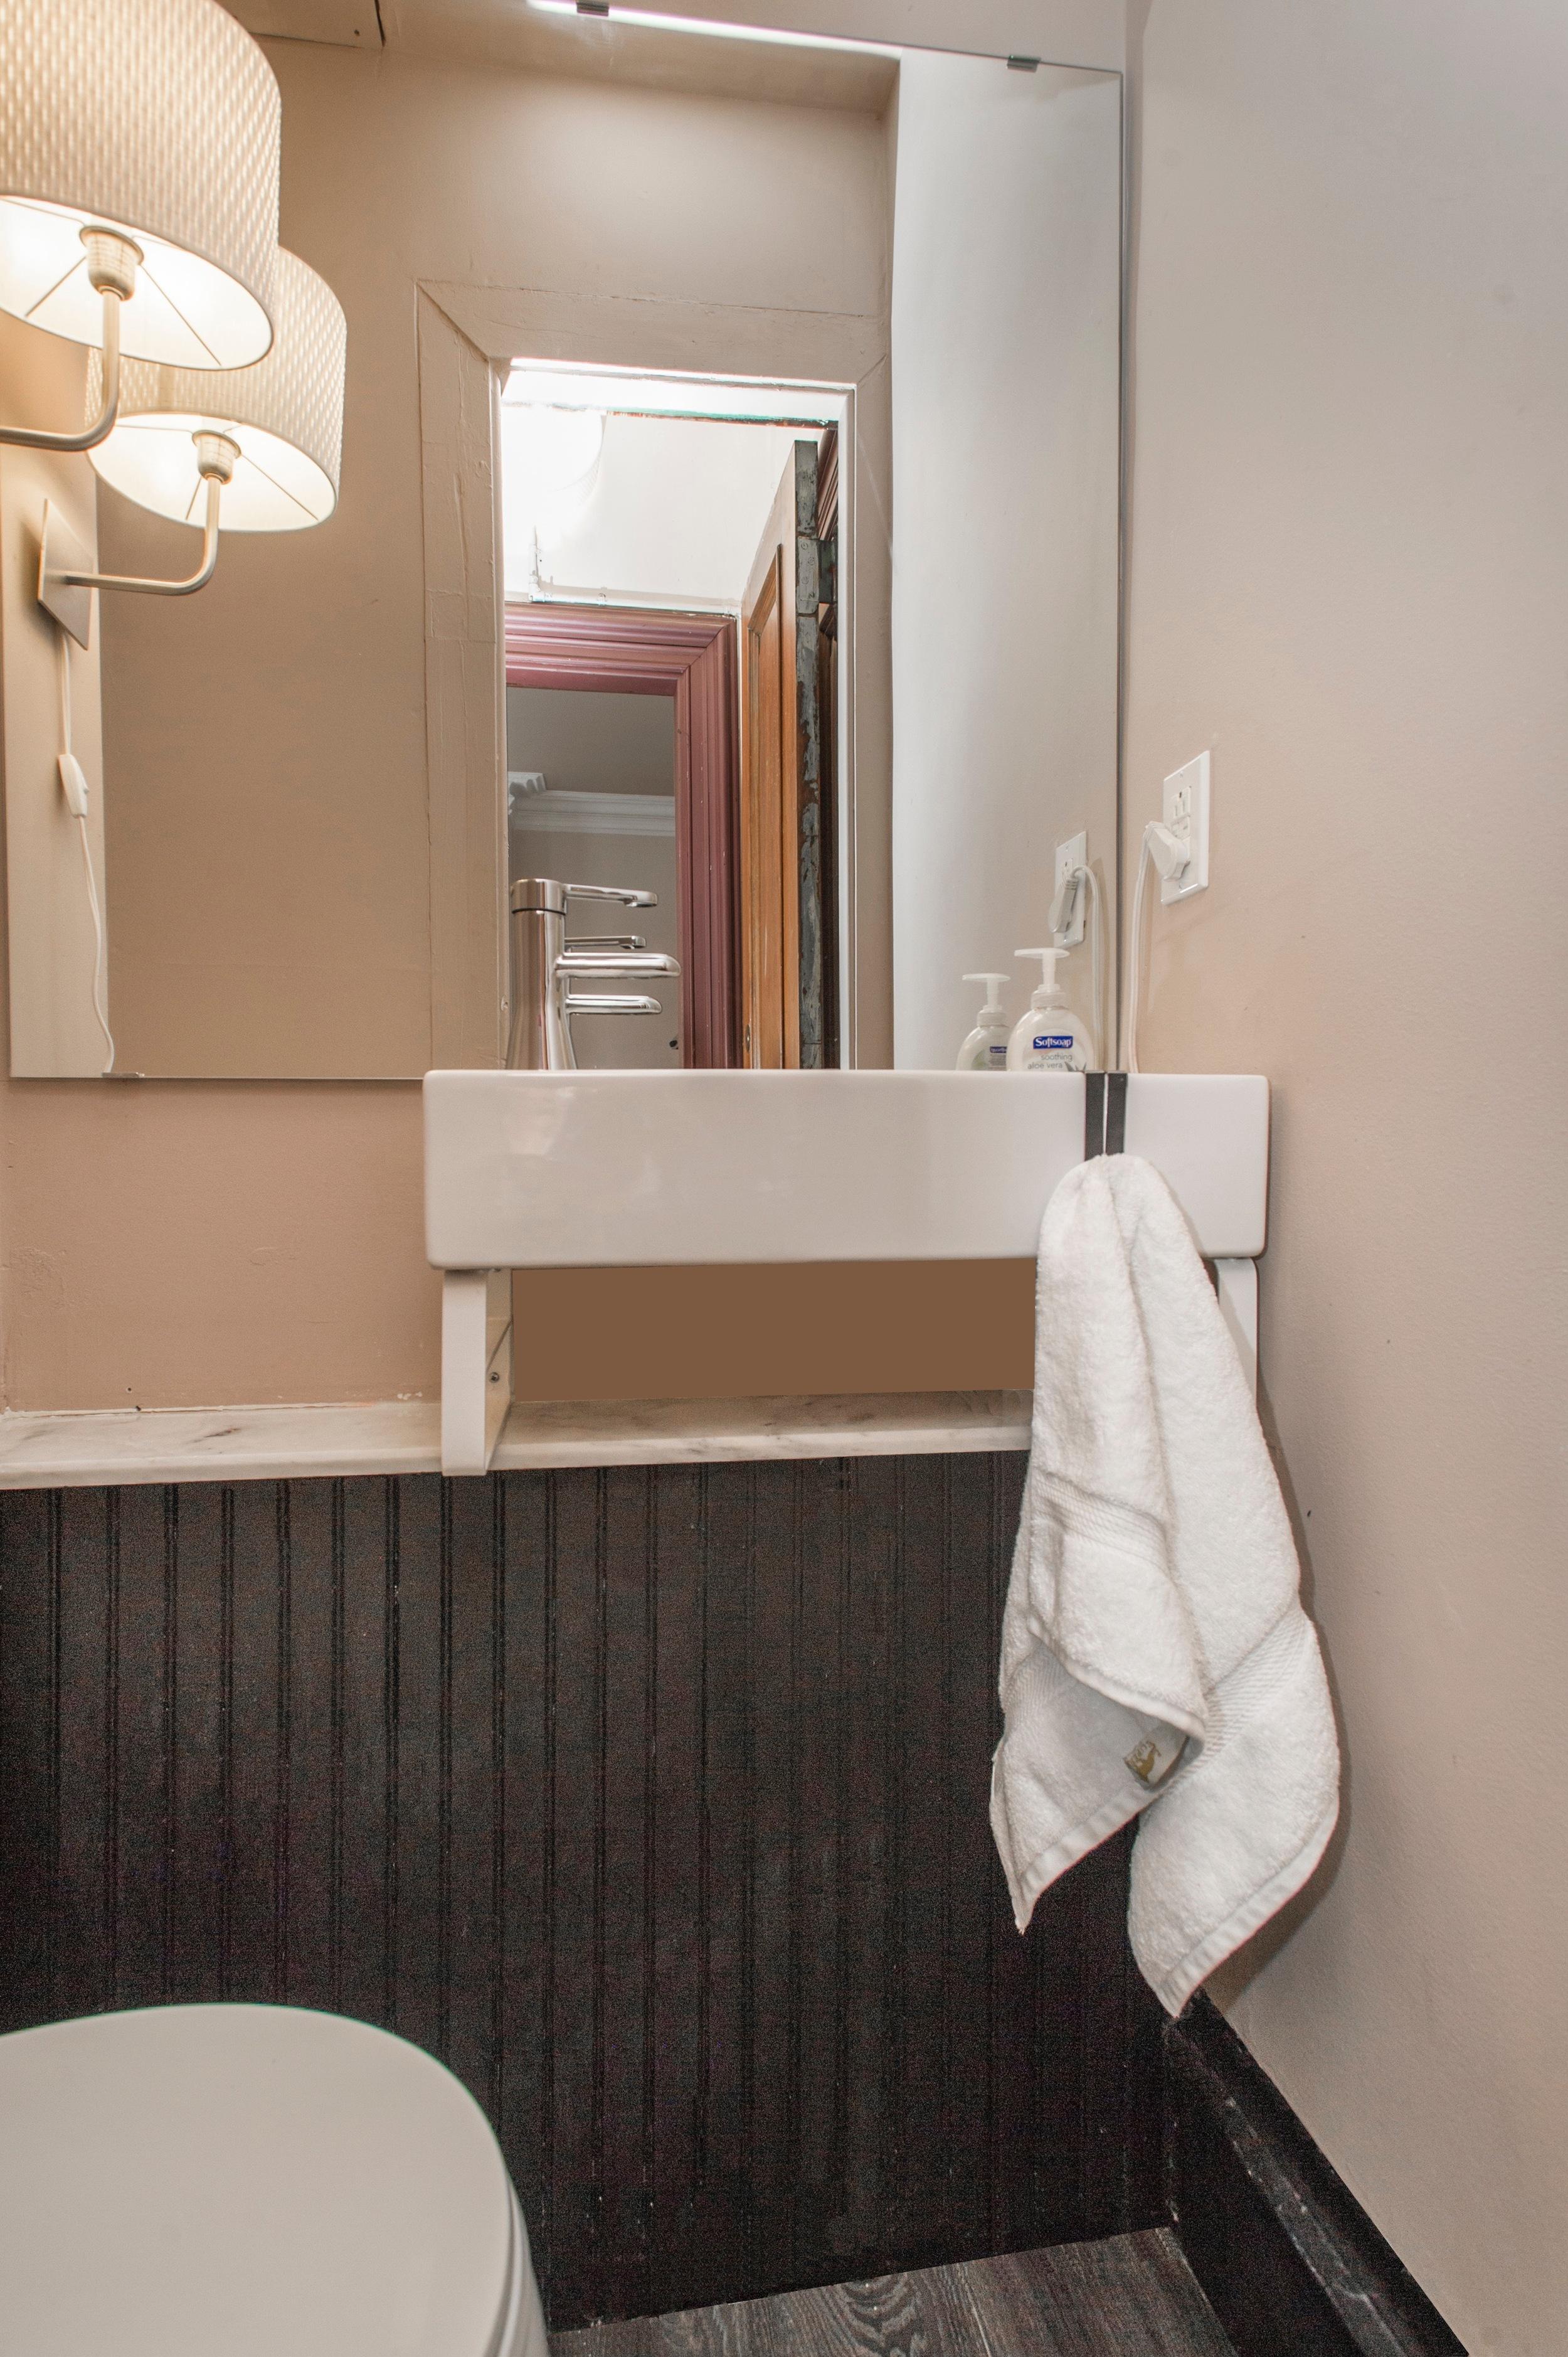 Private half bathroom